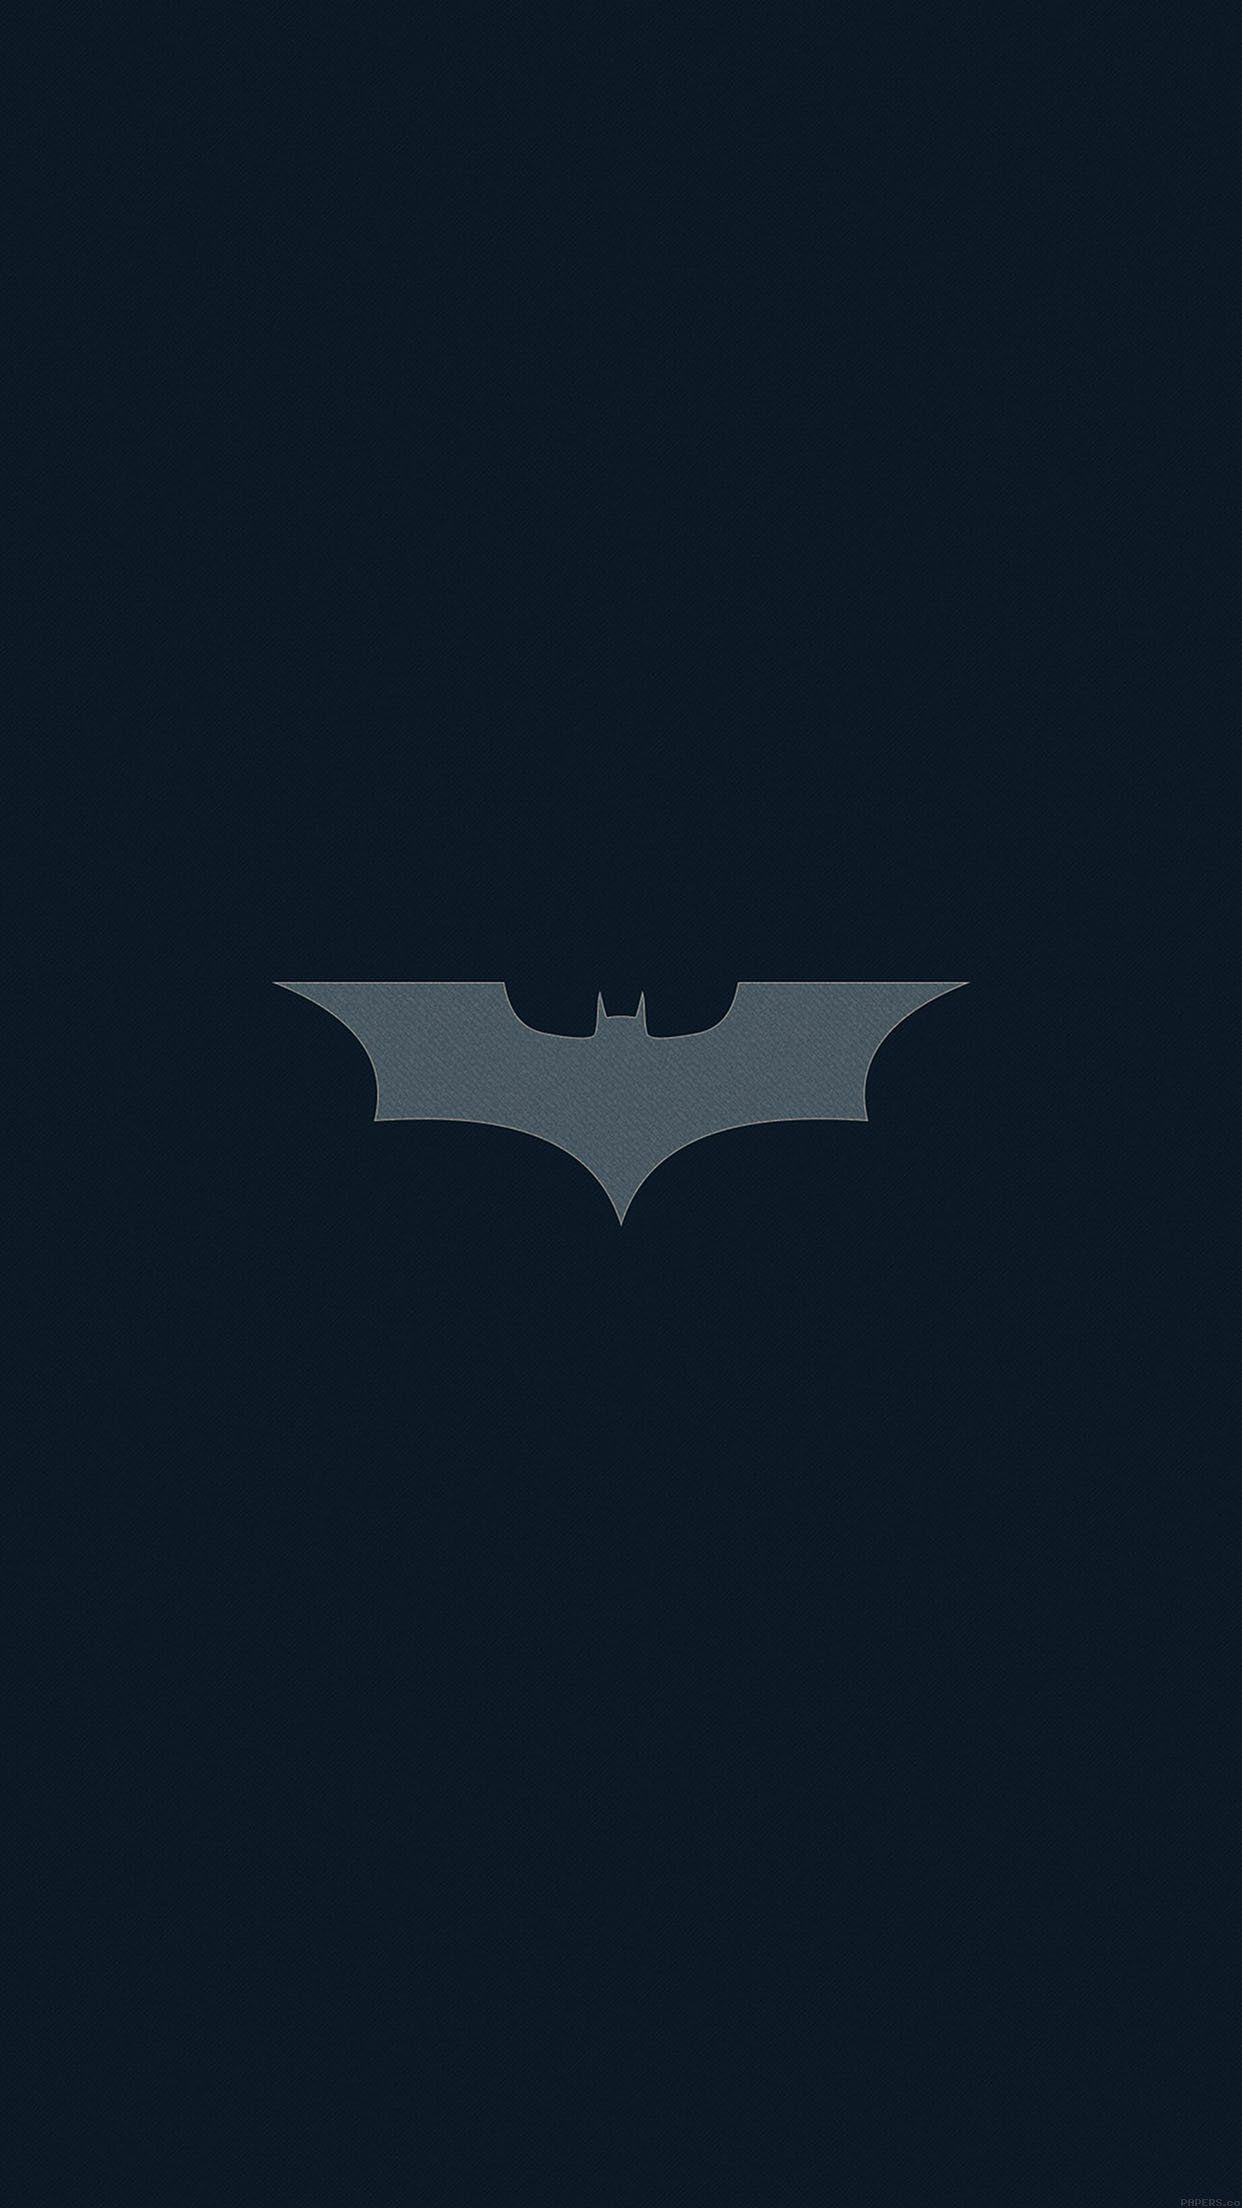 35 Batman Wallpaper Iphone 7 Plus On Wallpapersafari